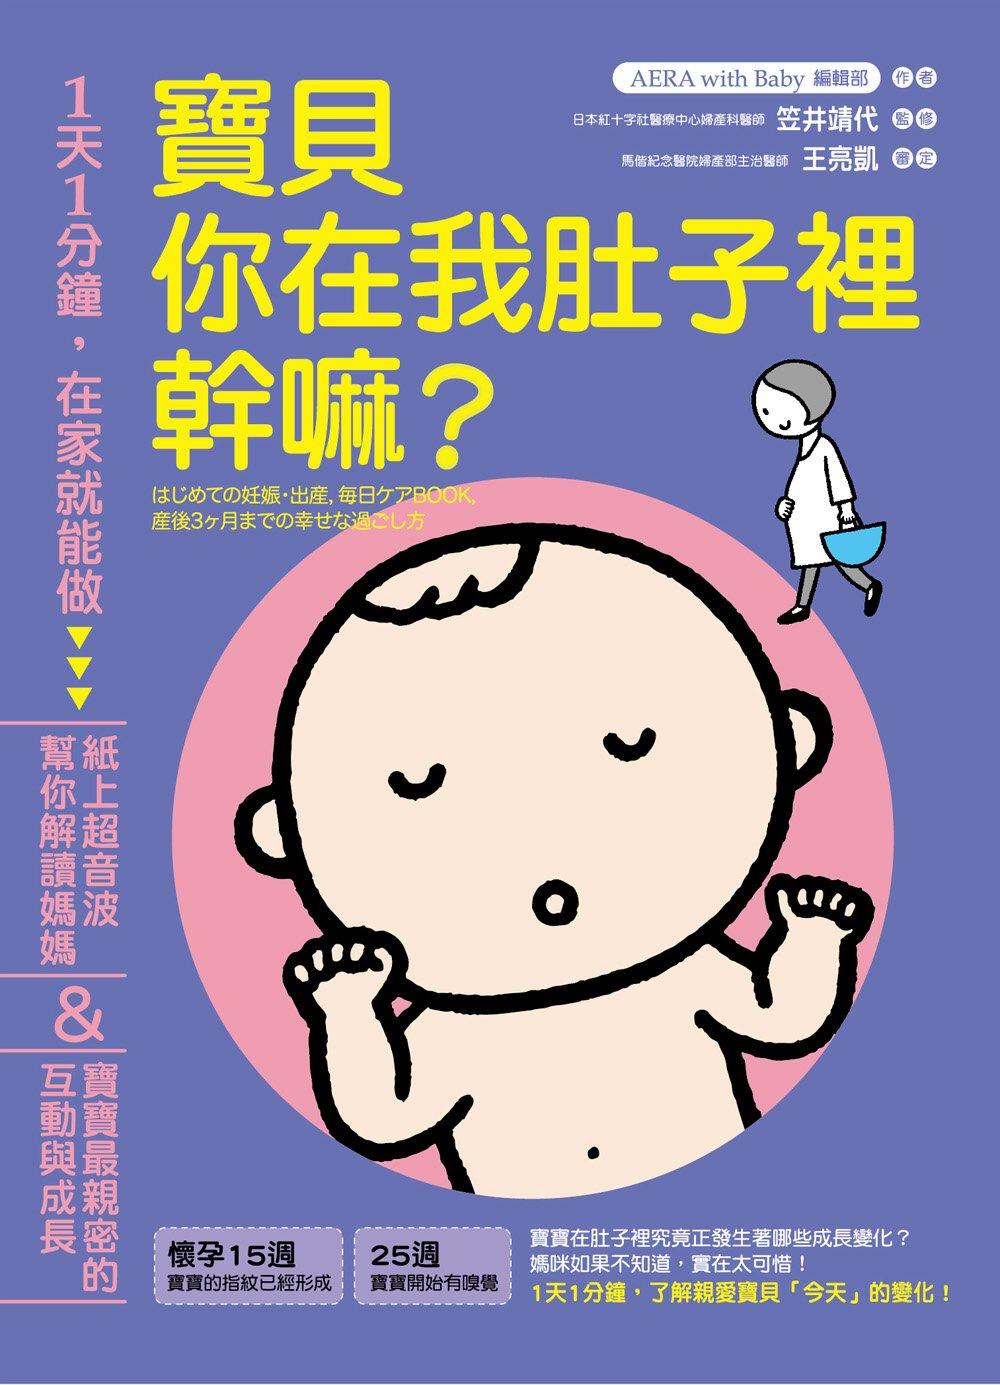 寶貝你在我肚子裡幹嘛?:1天1分鐘,在家就能做!紙上超音波幫你解讀媽媽&寶寶最親密的互動與成長